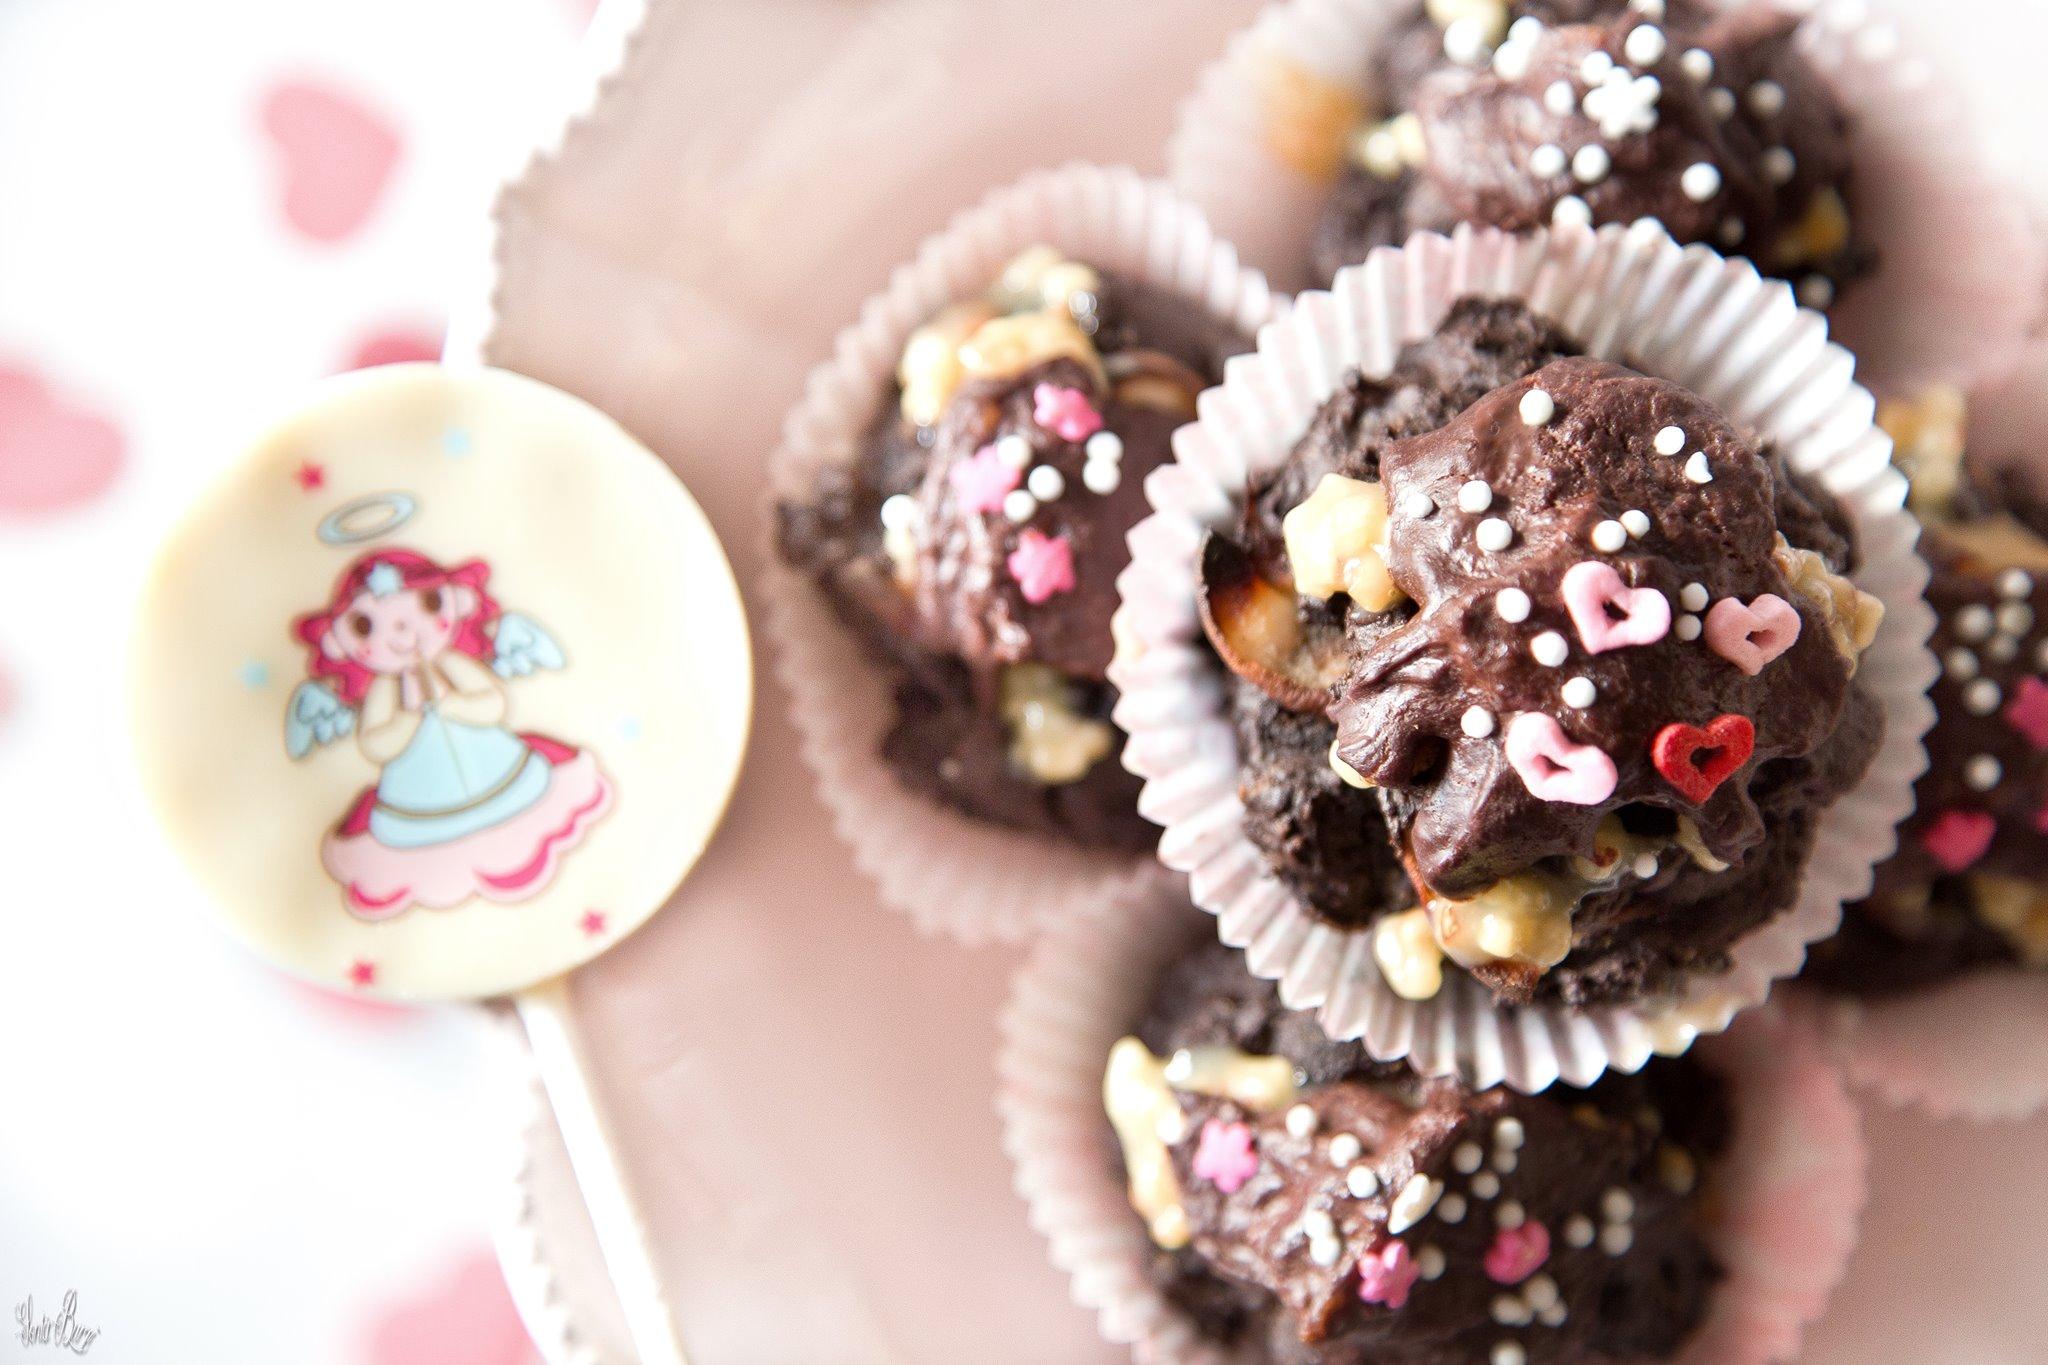 Torta cioccopere di Marco Bianchi ricetta con foto